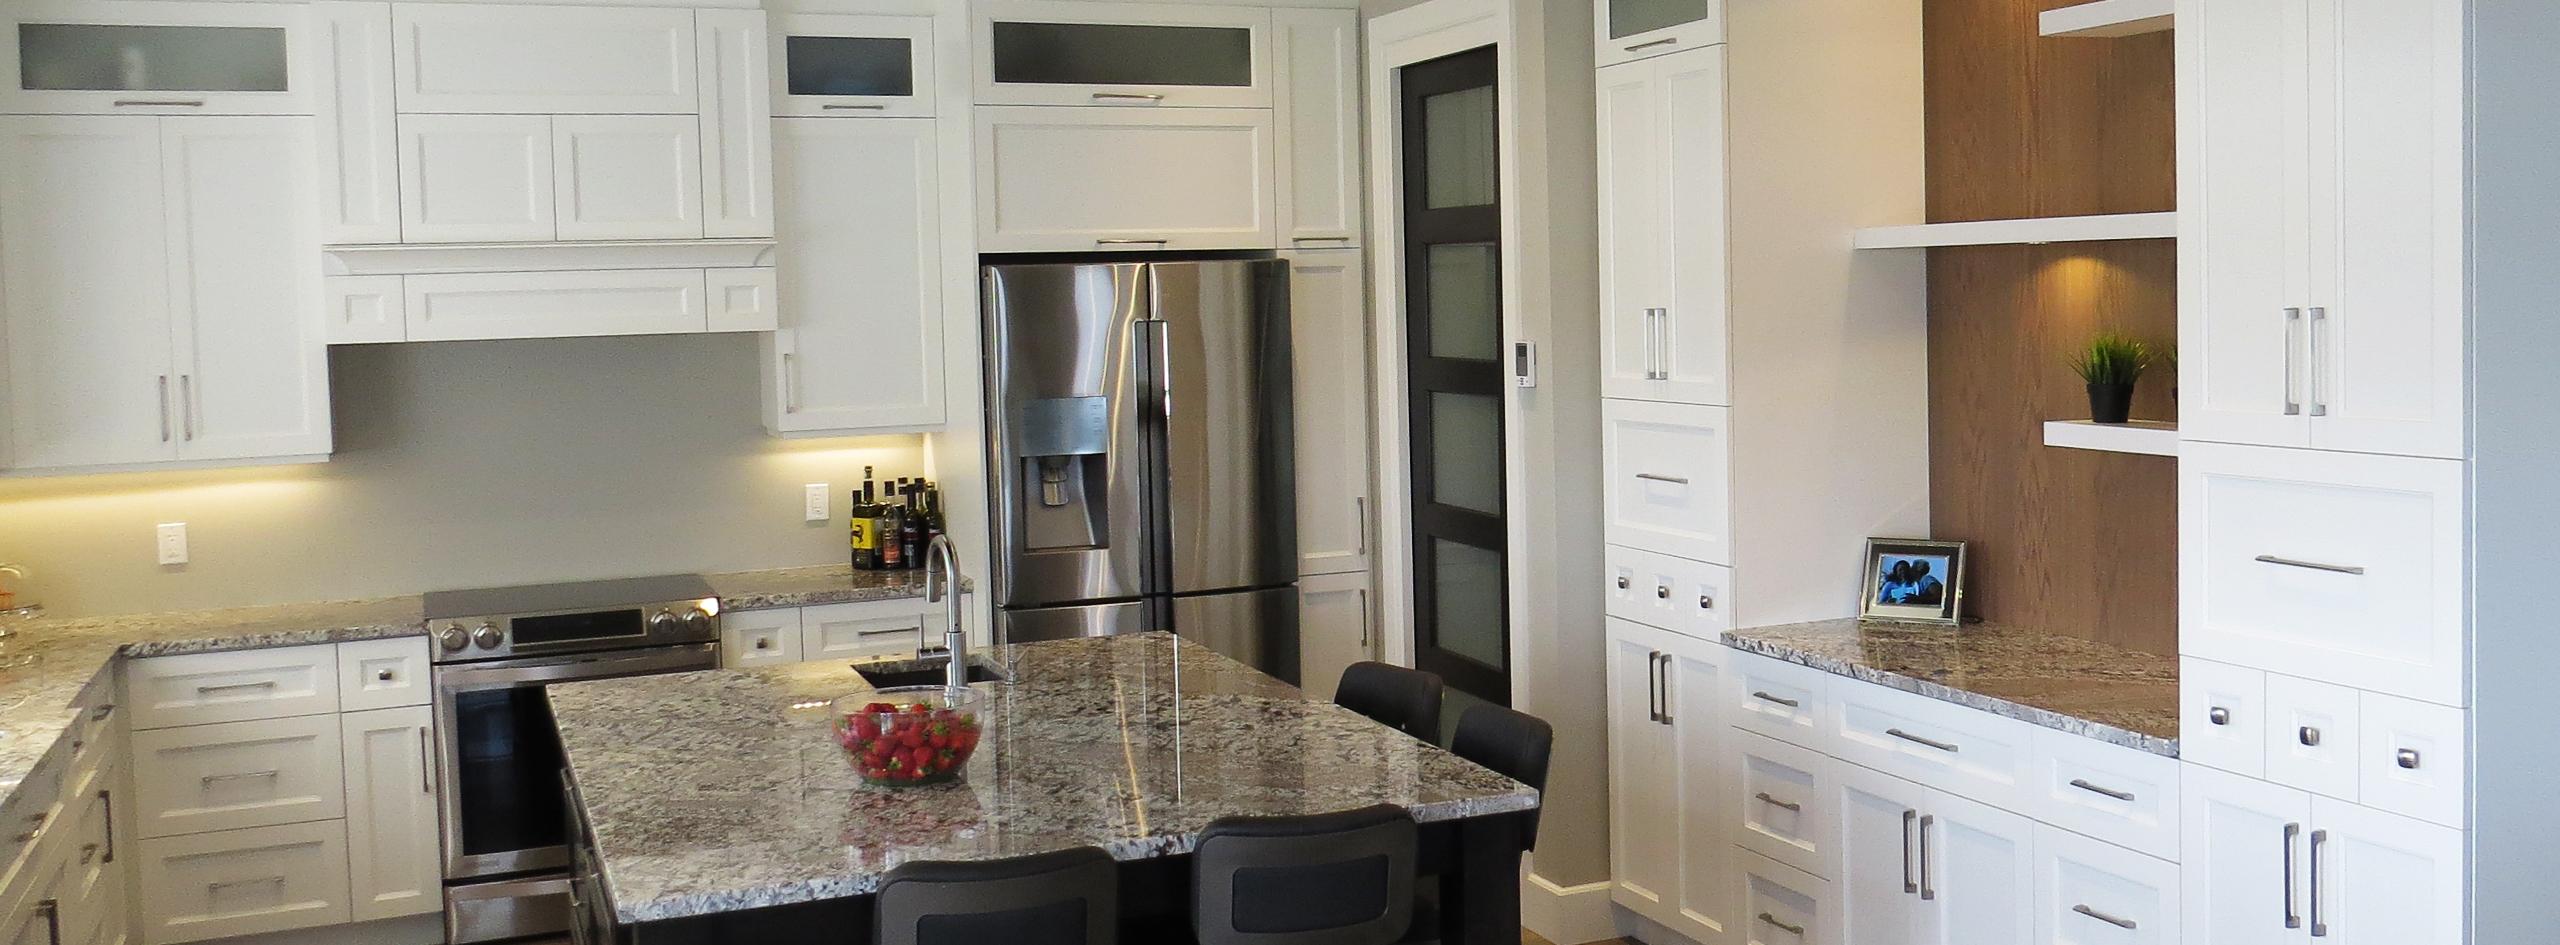 <p>Confiez votre <strong>décoration intérieure</strong> à nos designers</p>